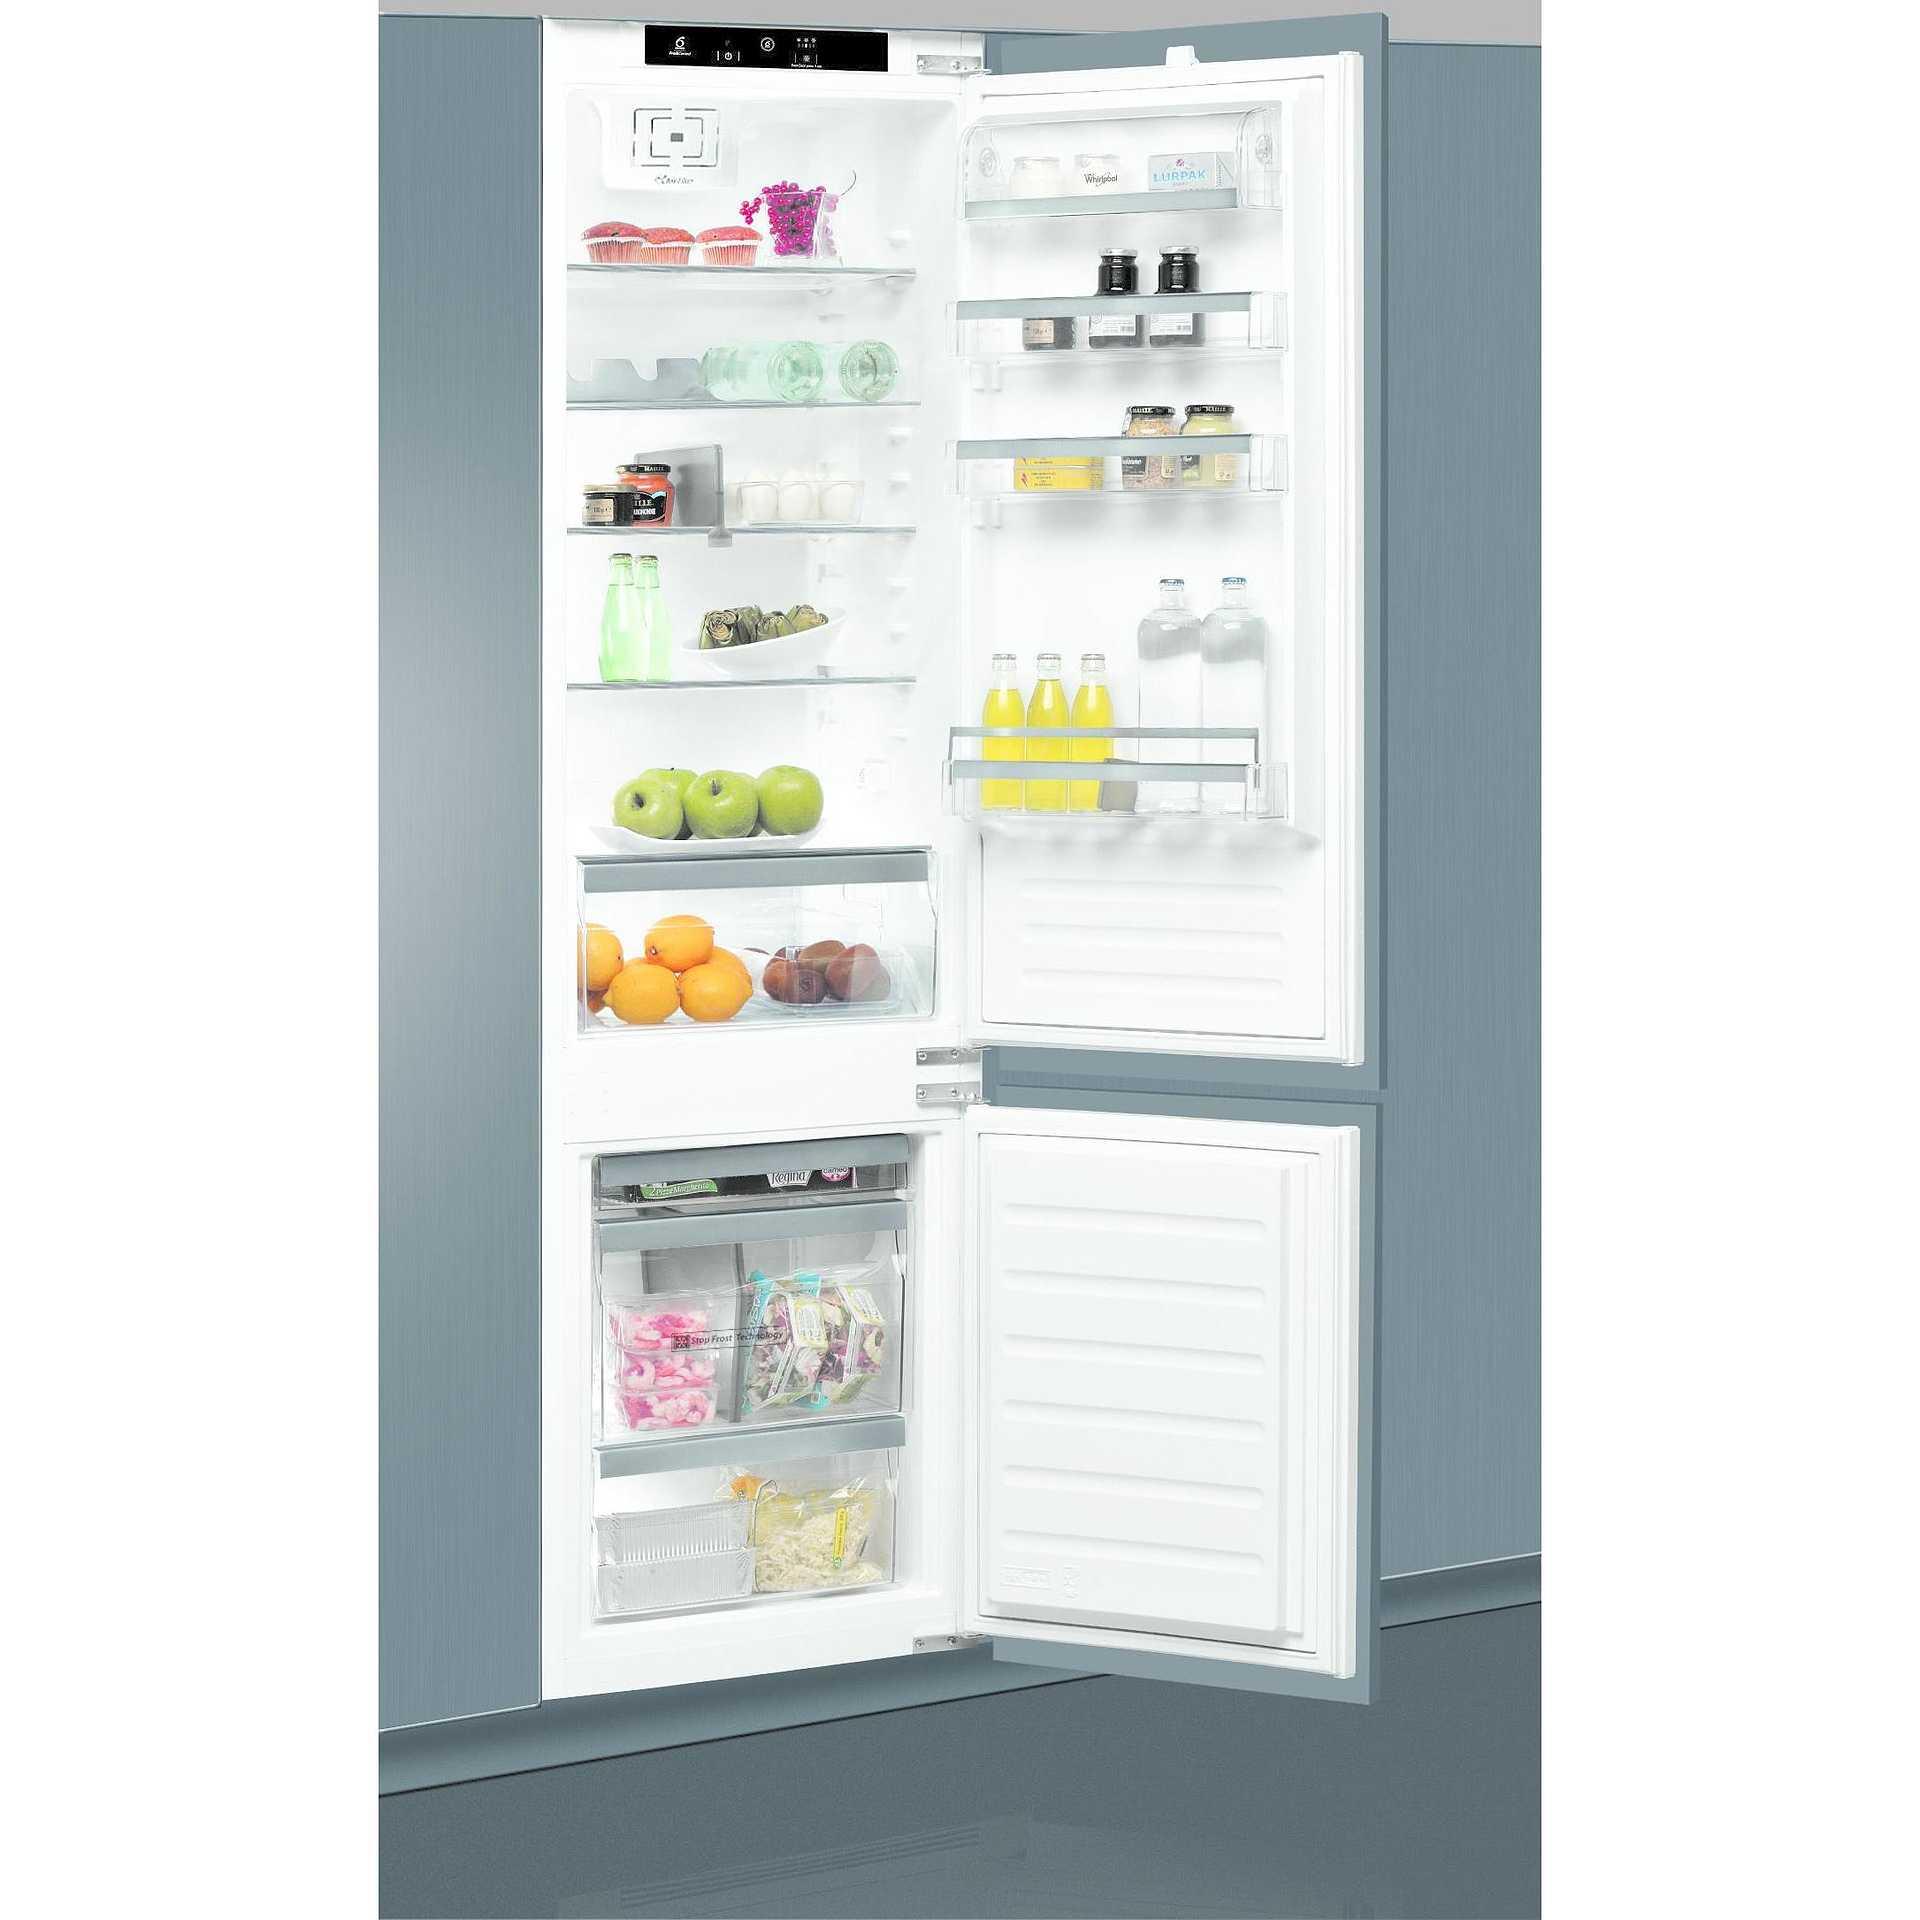 Whirlpool ART 9811/A++ SF frigorifero combinato da incasso 308 litri ...